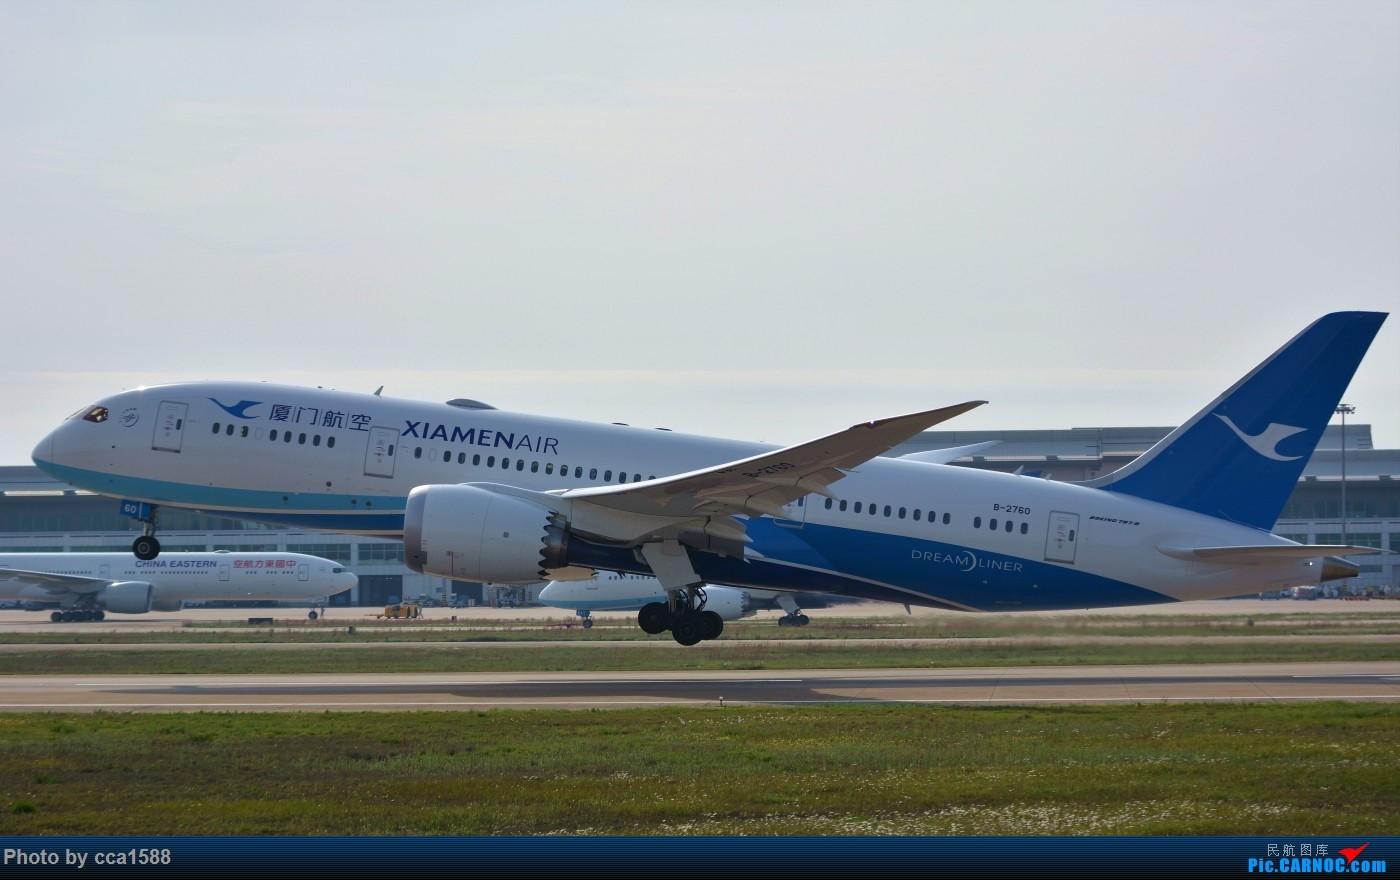 """Re:[原创]【福州飞友会】庆祝""""太空""""回归,一起嗨起来吧~! BOEING 787-8 B-2760 中国福州长乐国际机场"""